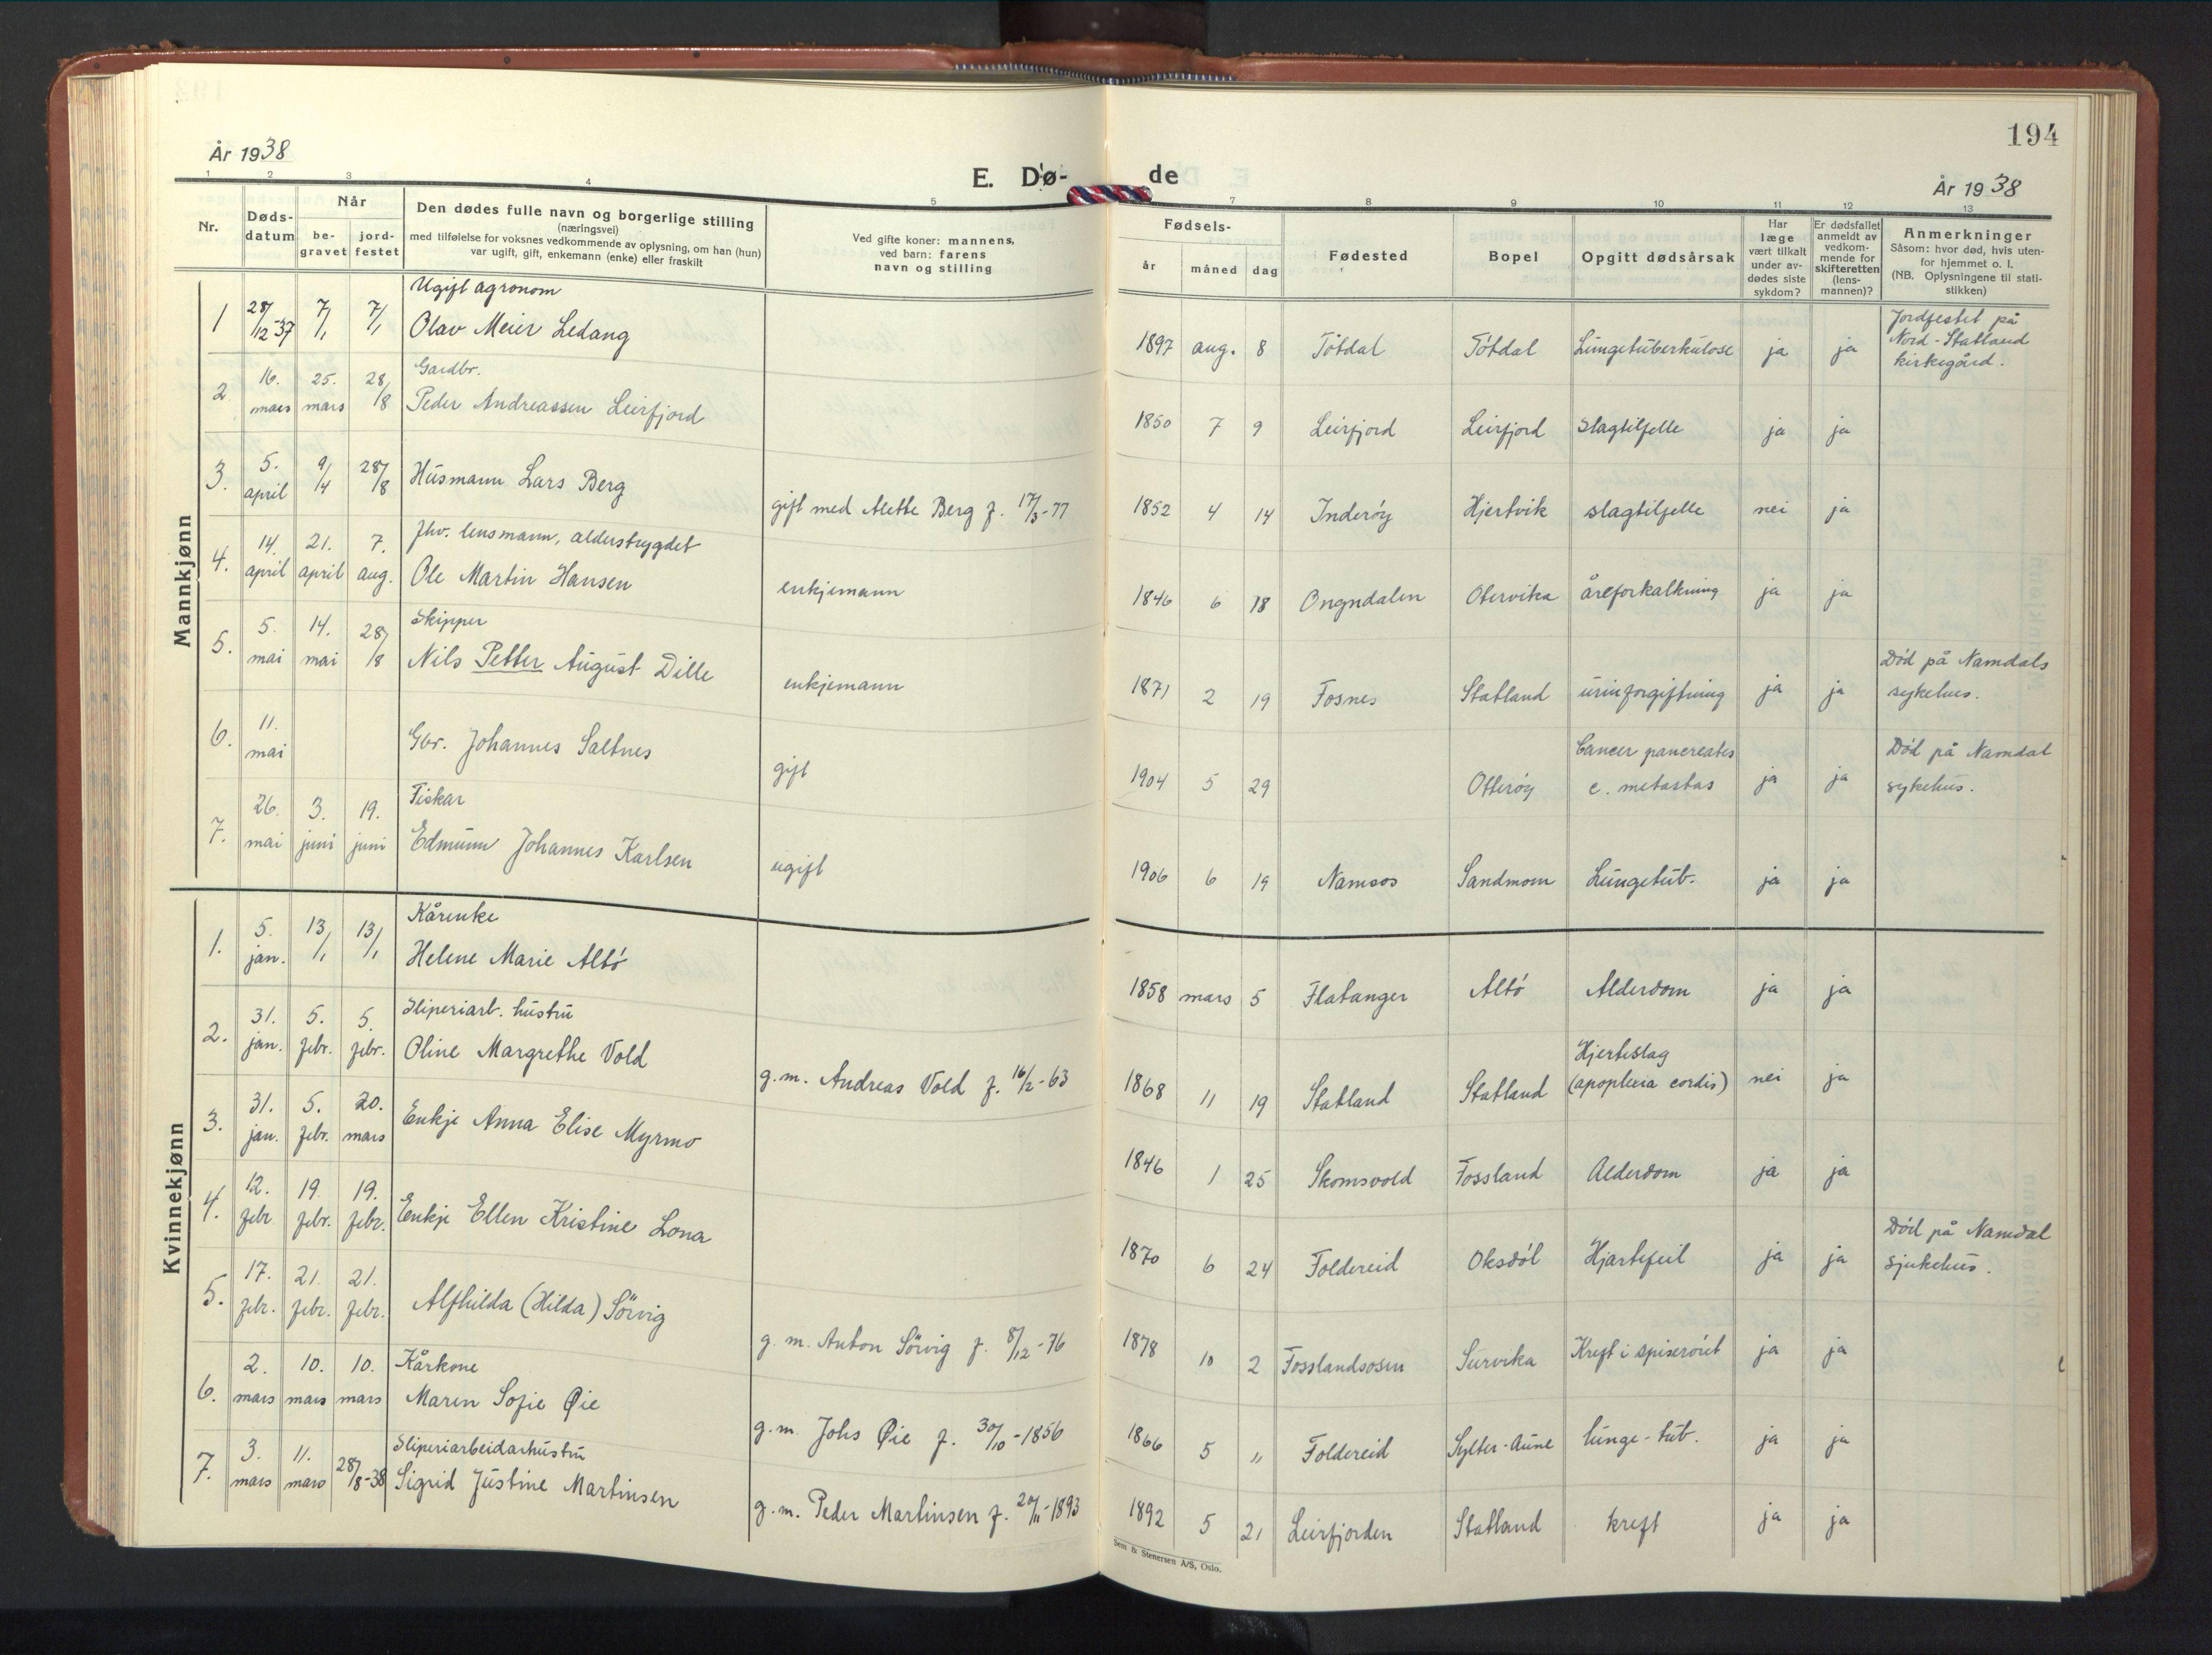 SAT, Ministerialprotokoller, klokkerbøker og fødselsregistre - Nord-Trøndelag, 774/L0631: Klokkerbok nr. 774C02, 1934-1950, s. 194